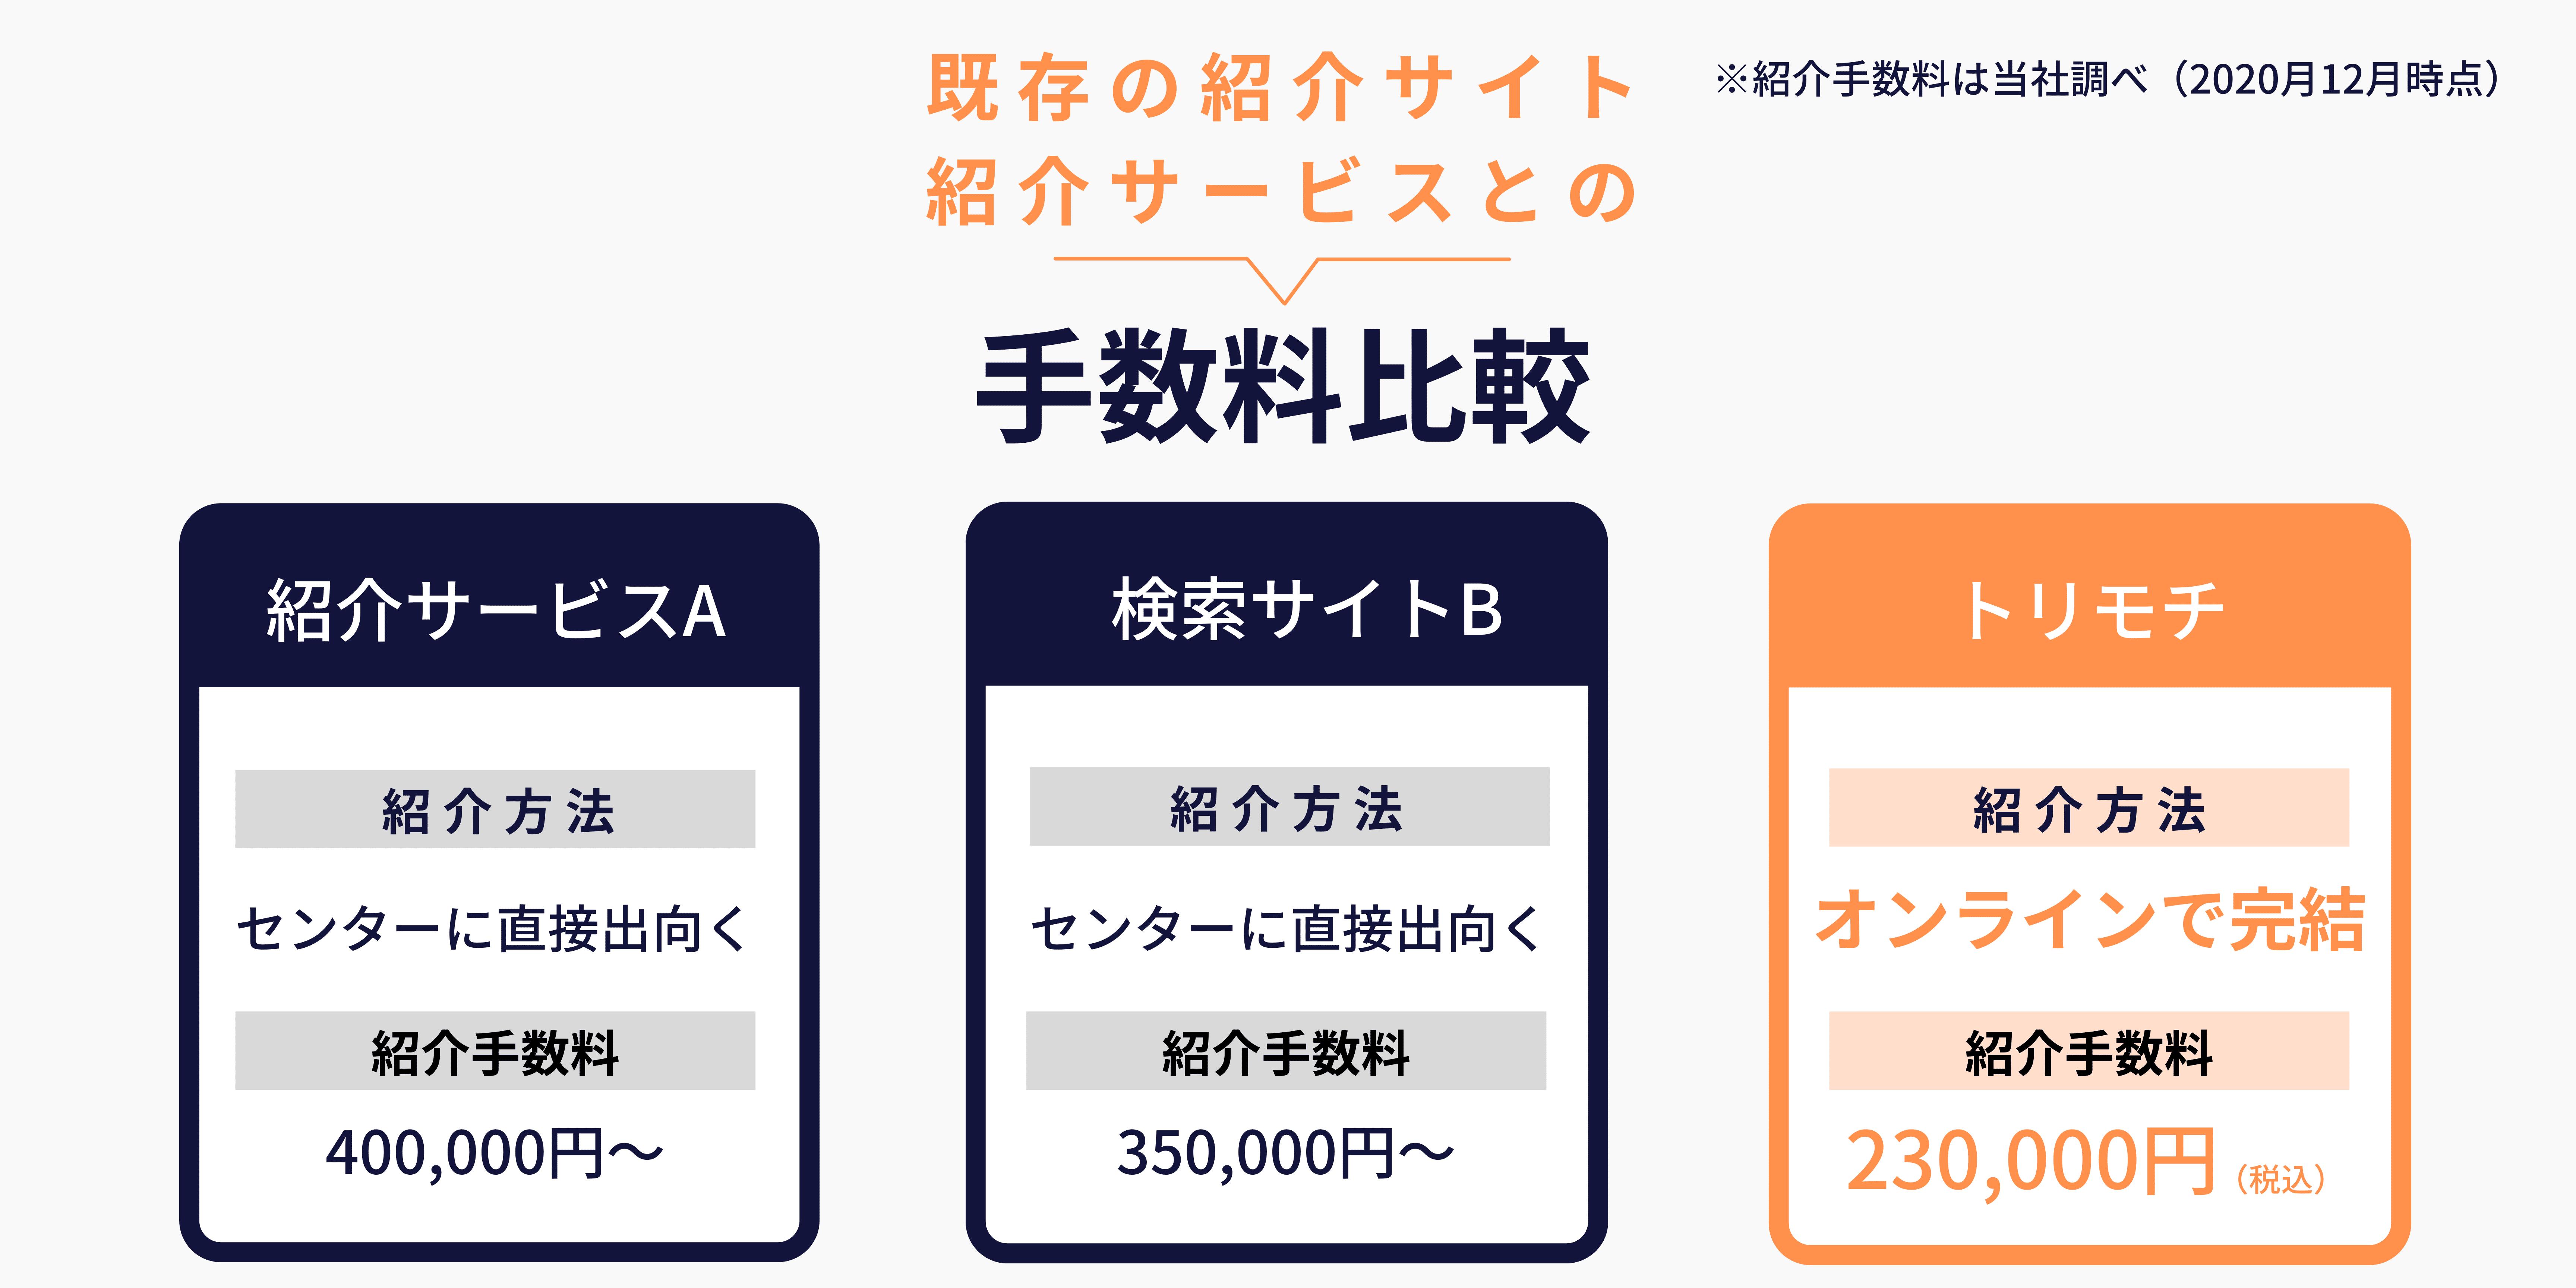 紹介手数料比較表